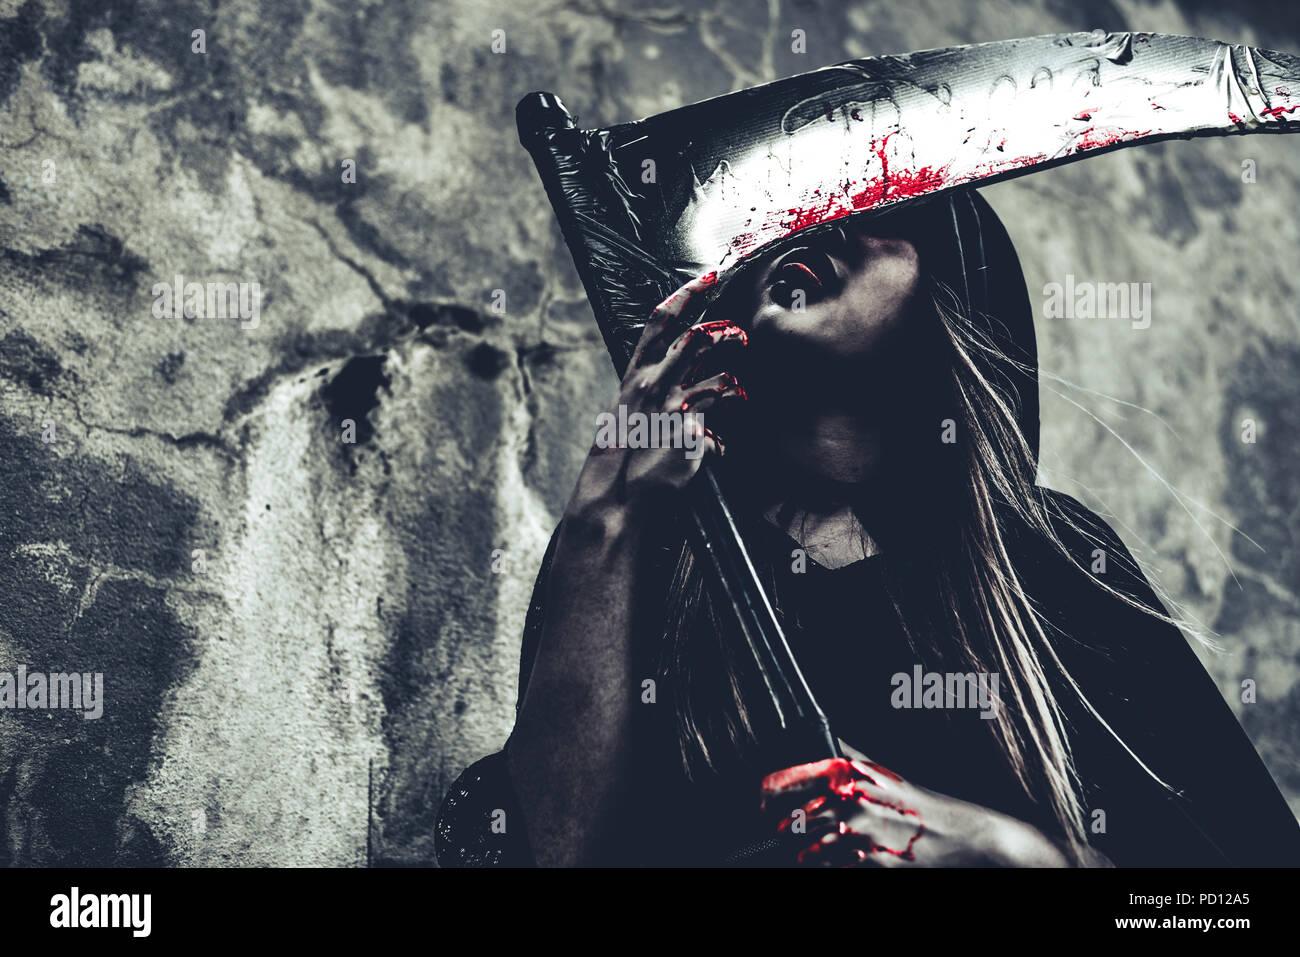 Bruja lamer sangre en reaper. Demonio femenino ángel vestidos de negro y cubierta en Grunge antecedentes de pared. El día de Halloween y misterio concepto. La fantasía de m Imagen De Stock